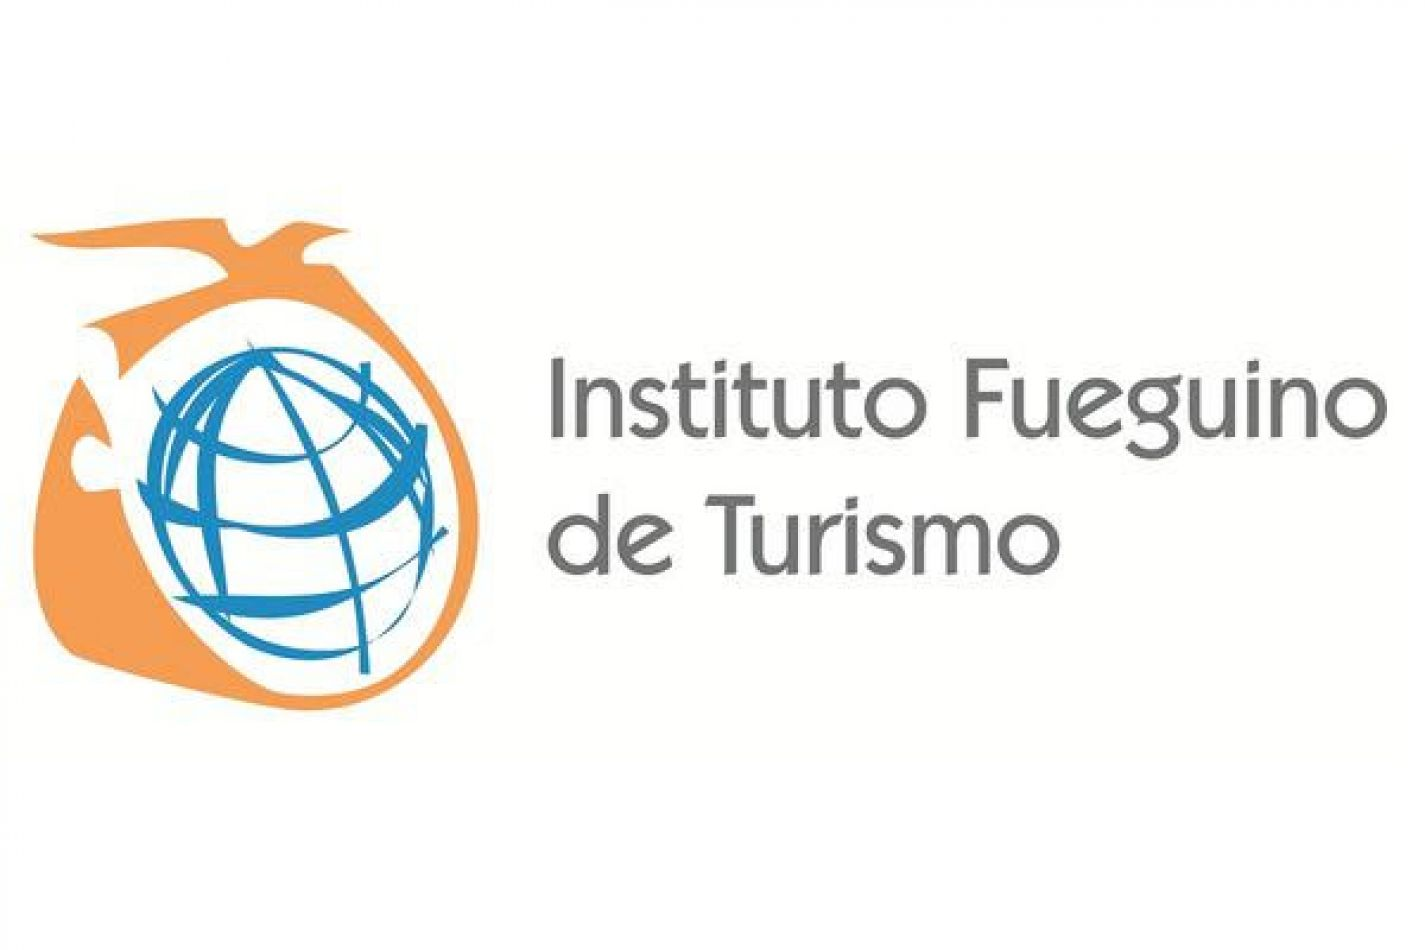 INFUETUR convoca a prestadores turísticos para implementar una nueva herramienta de calidad